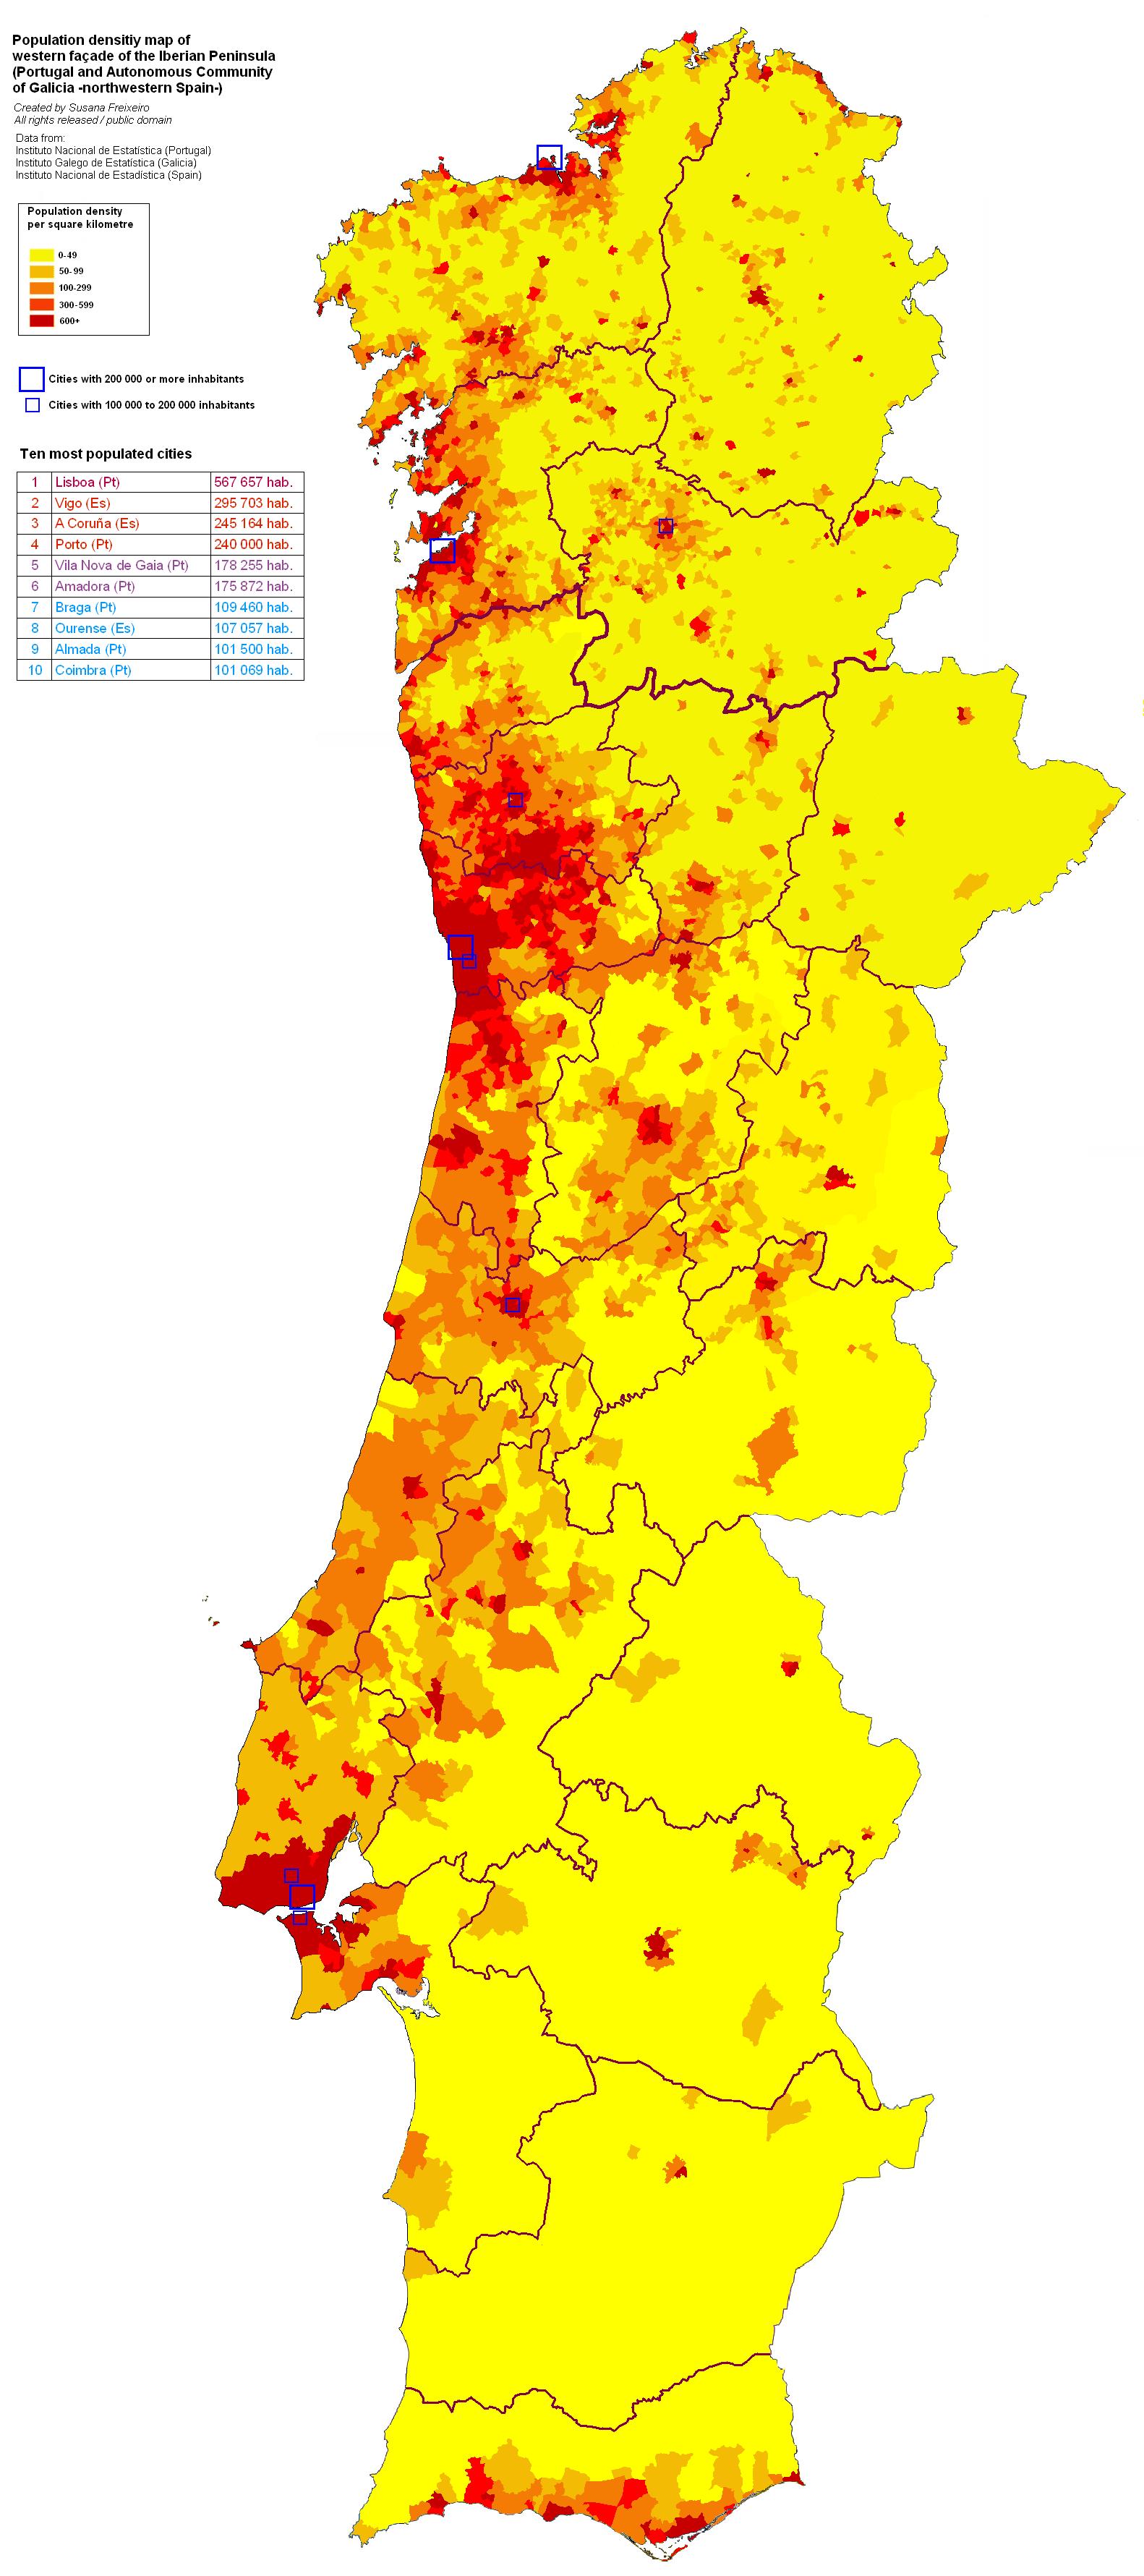 Population Density Of Portugaliza MAPS Pinterest - Sweden map population density